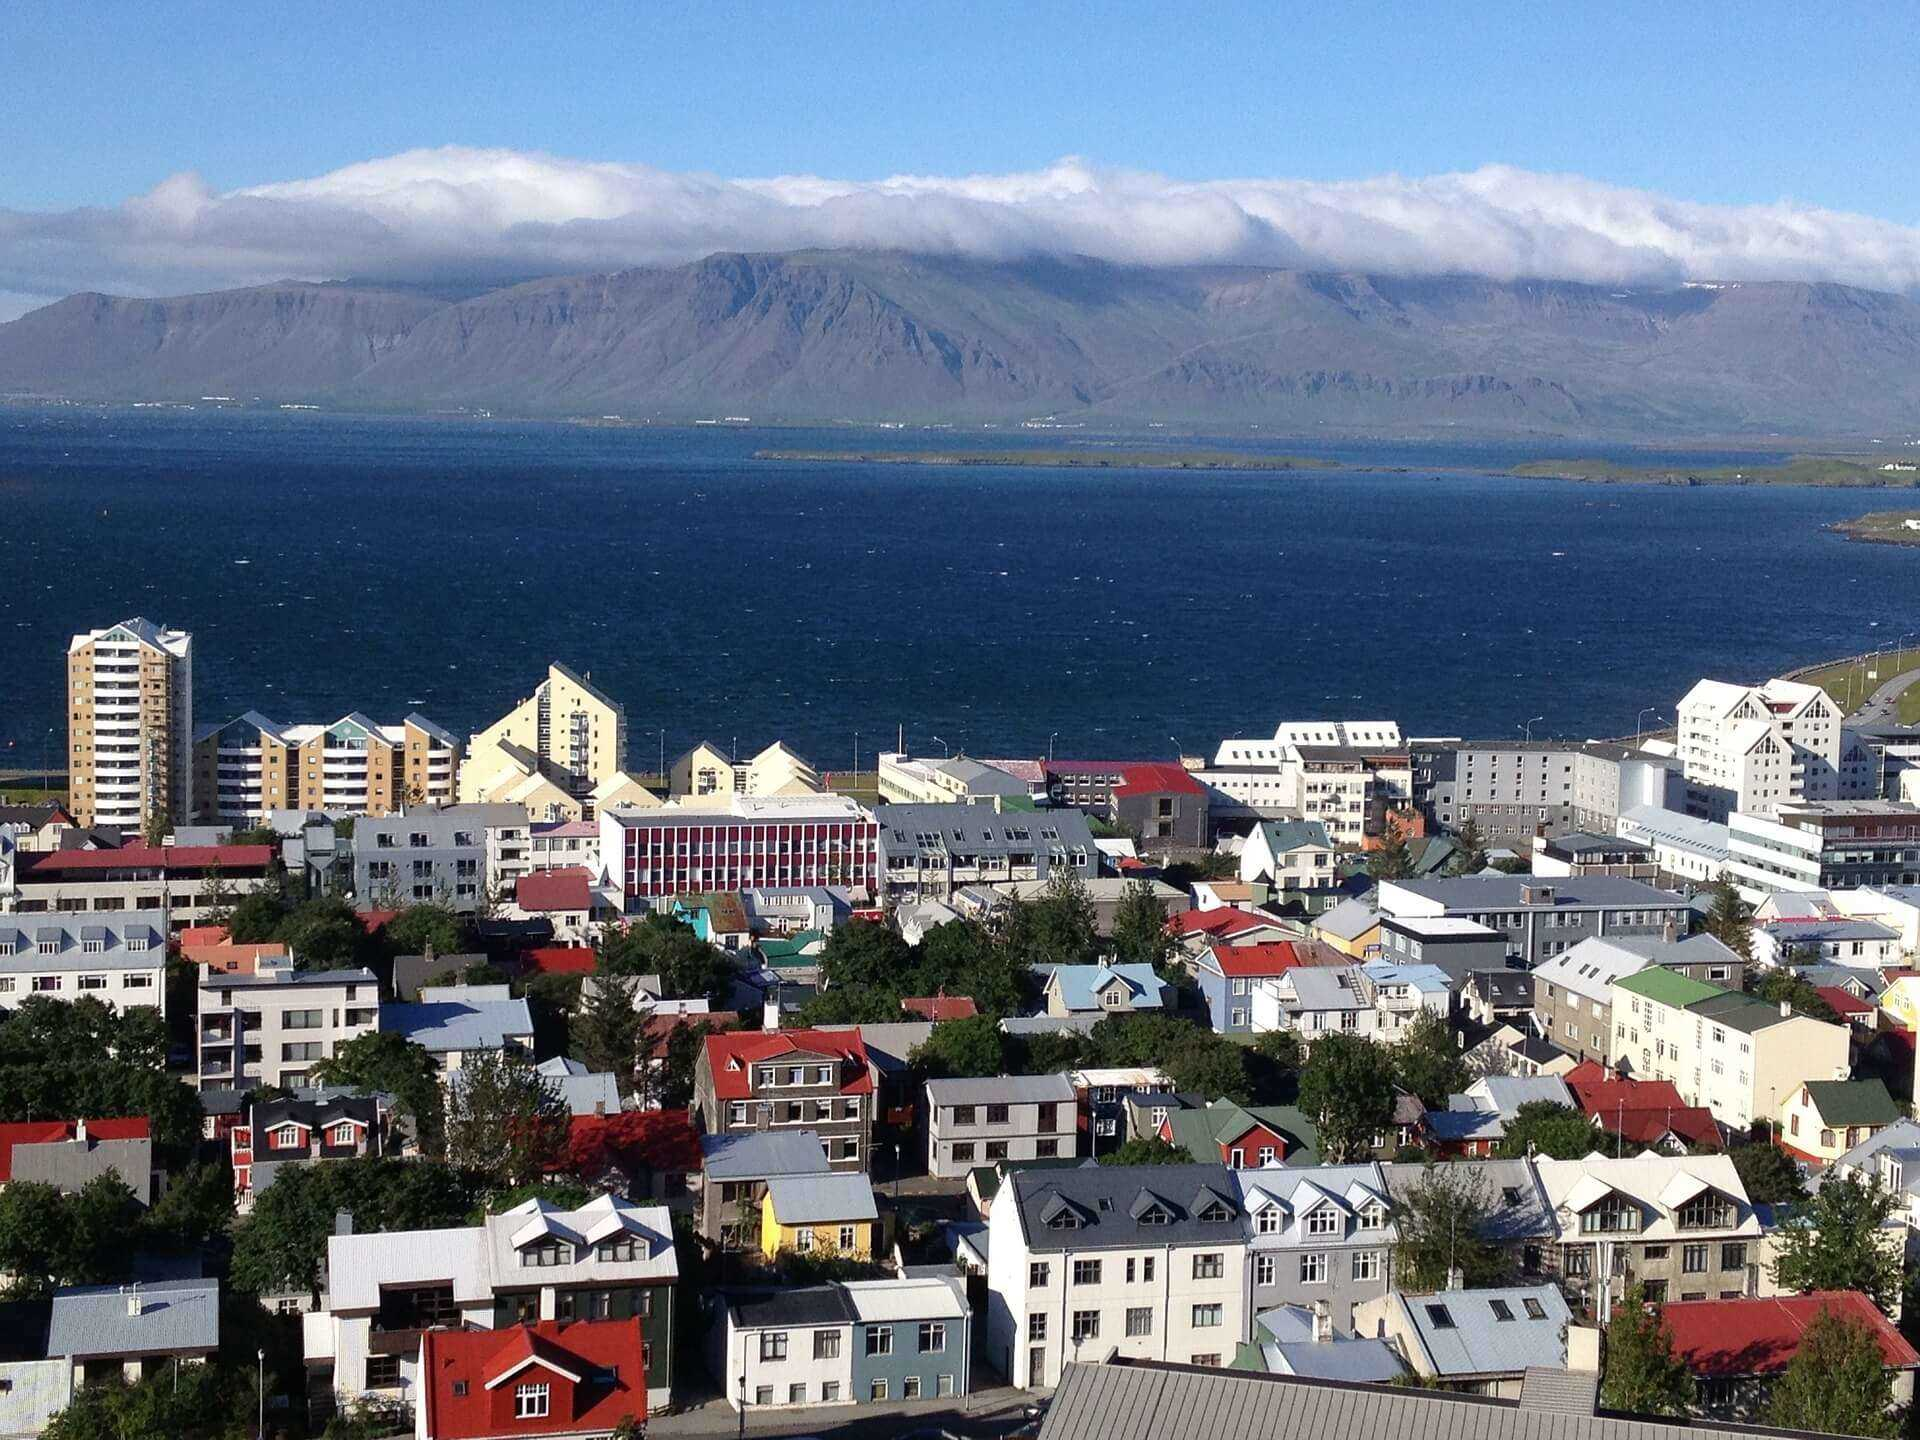 Direktflüge und Billigflüge ab Zürich nach Reykjavik